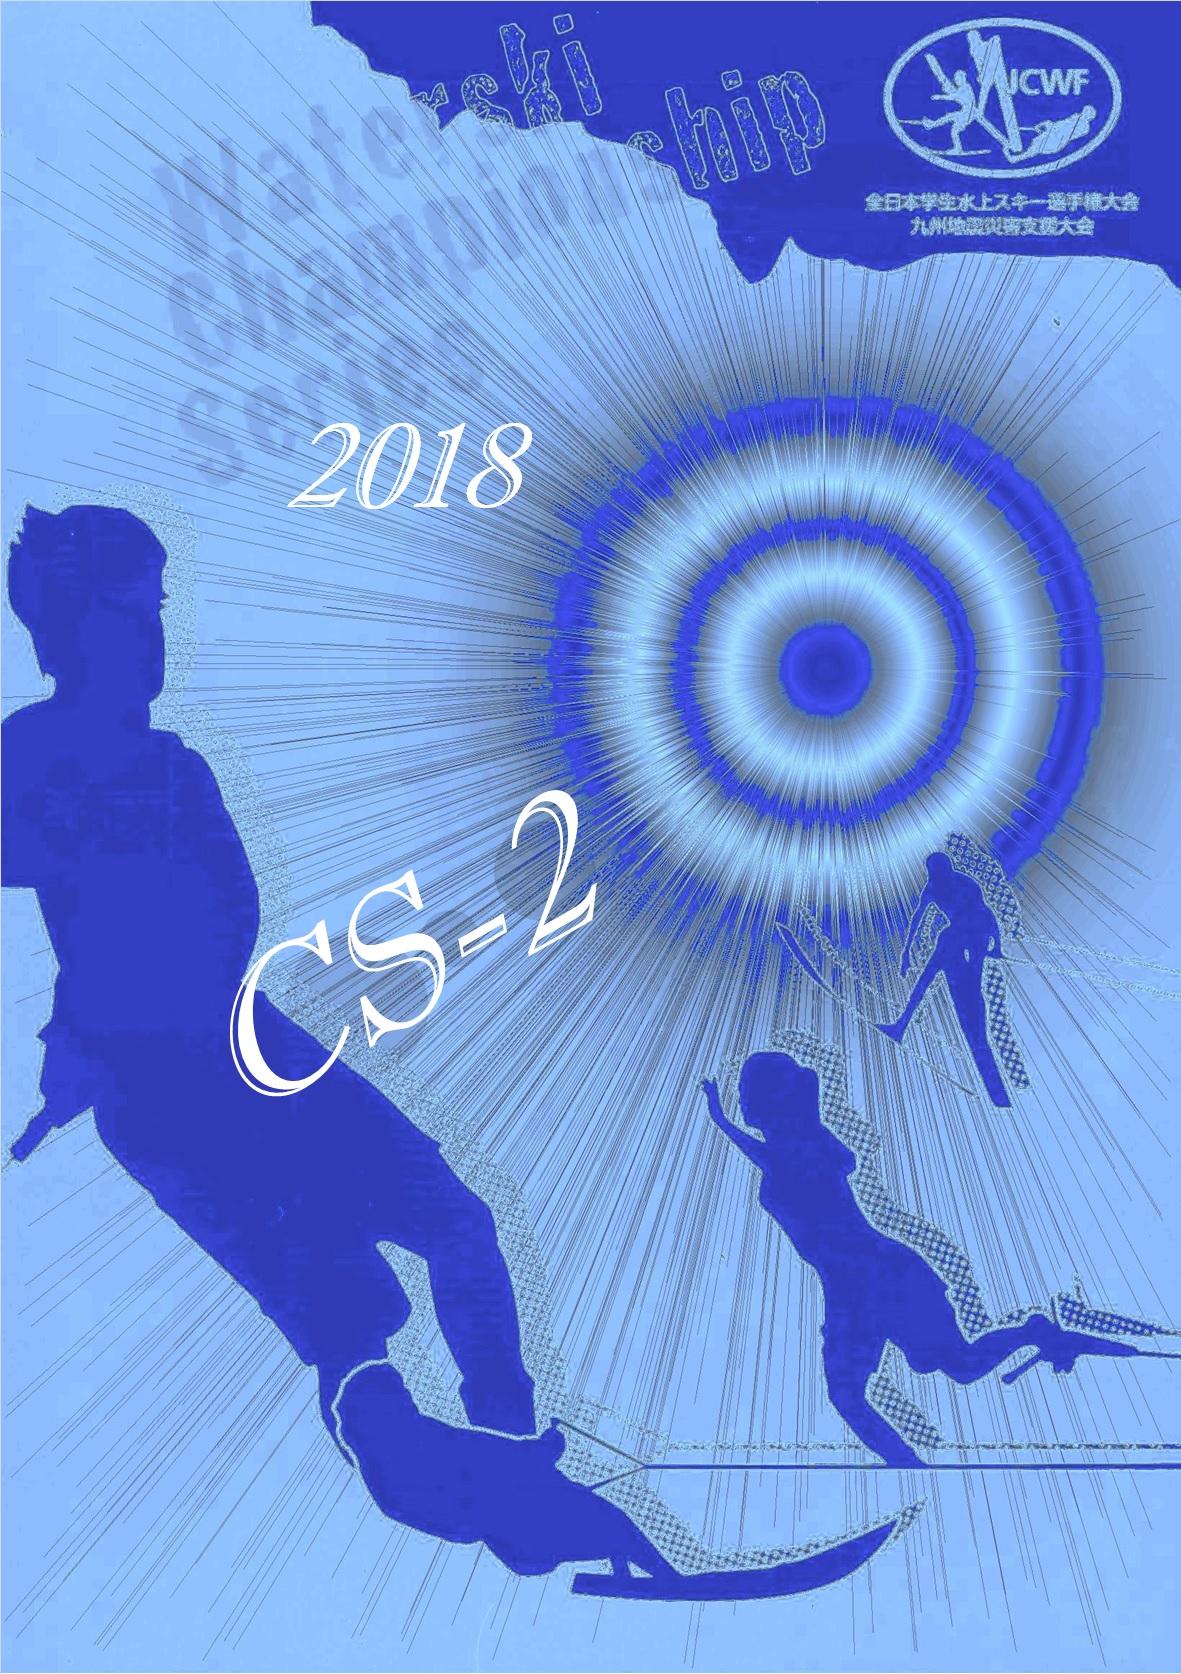 2018CS2 M's